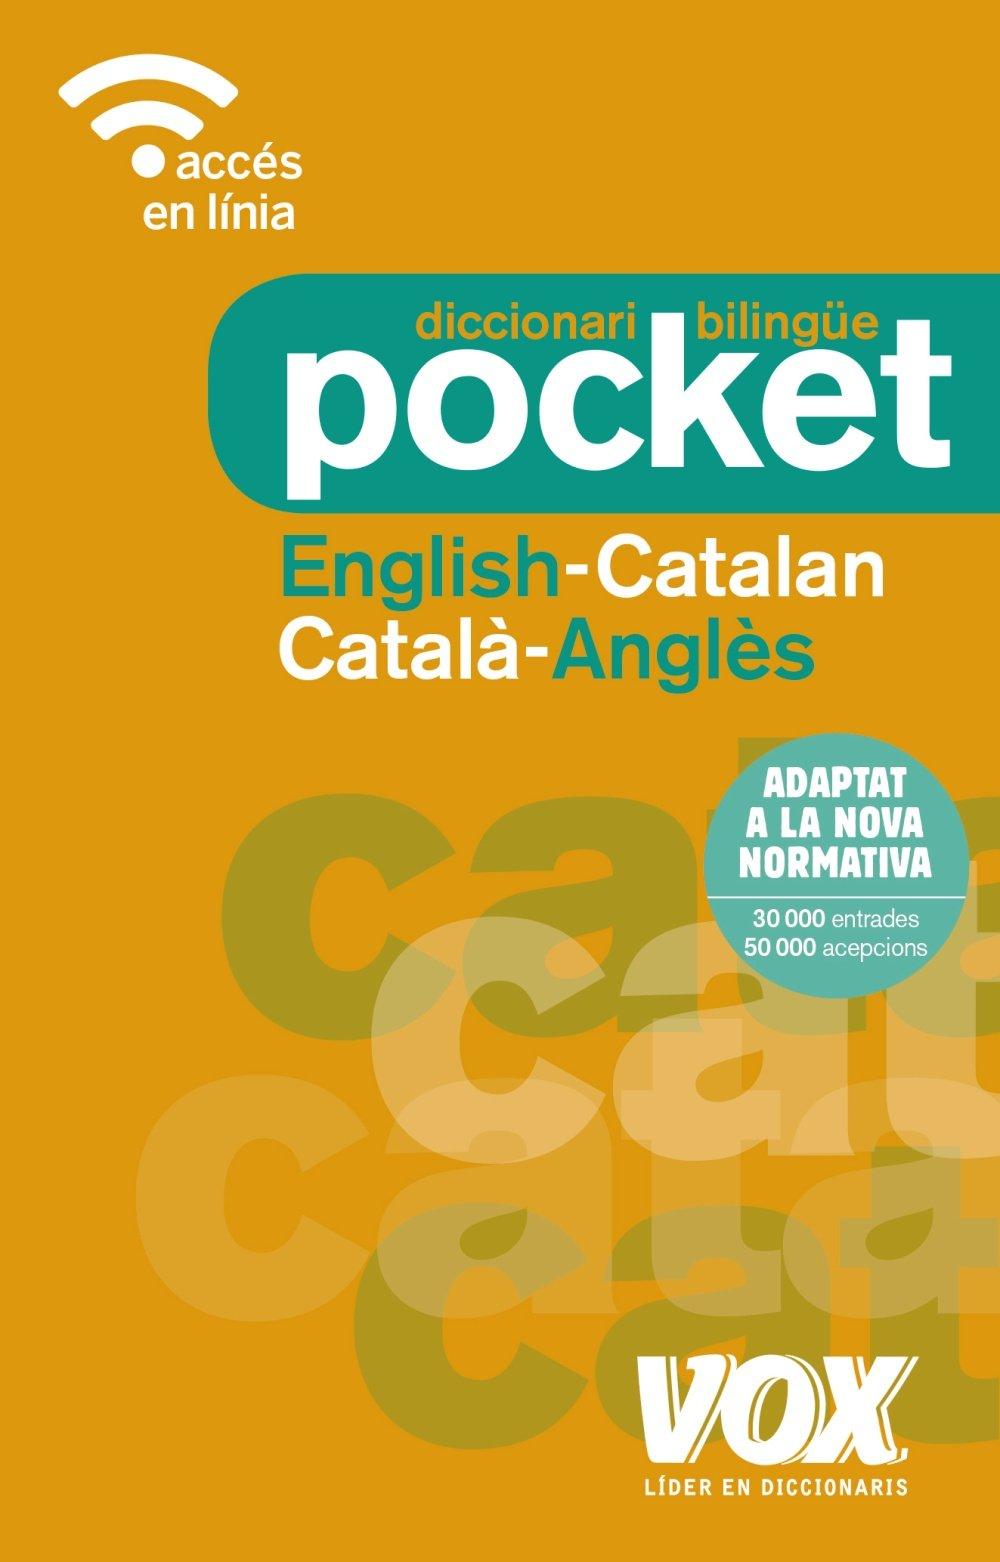 Diccionari Pocket English-Catalan / Català-Anglès VOX - Lengua Catalana: Amazon.es: Vox Editorial: Libros